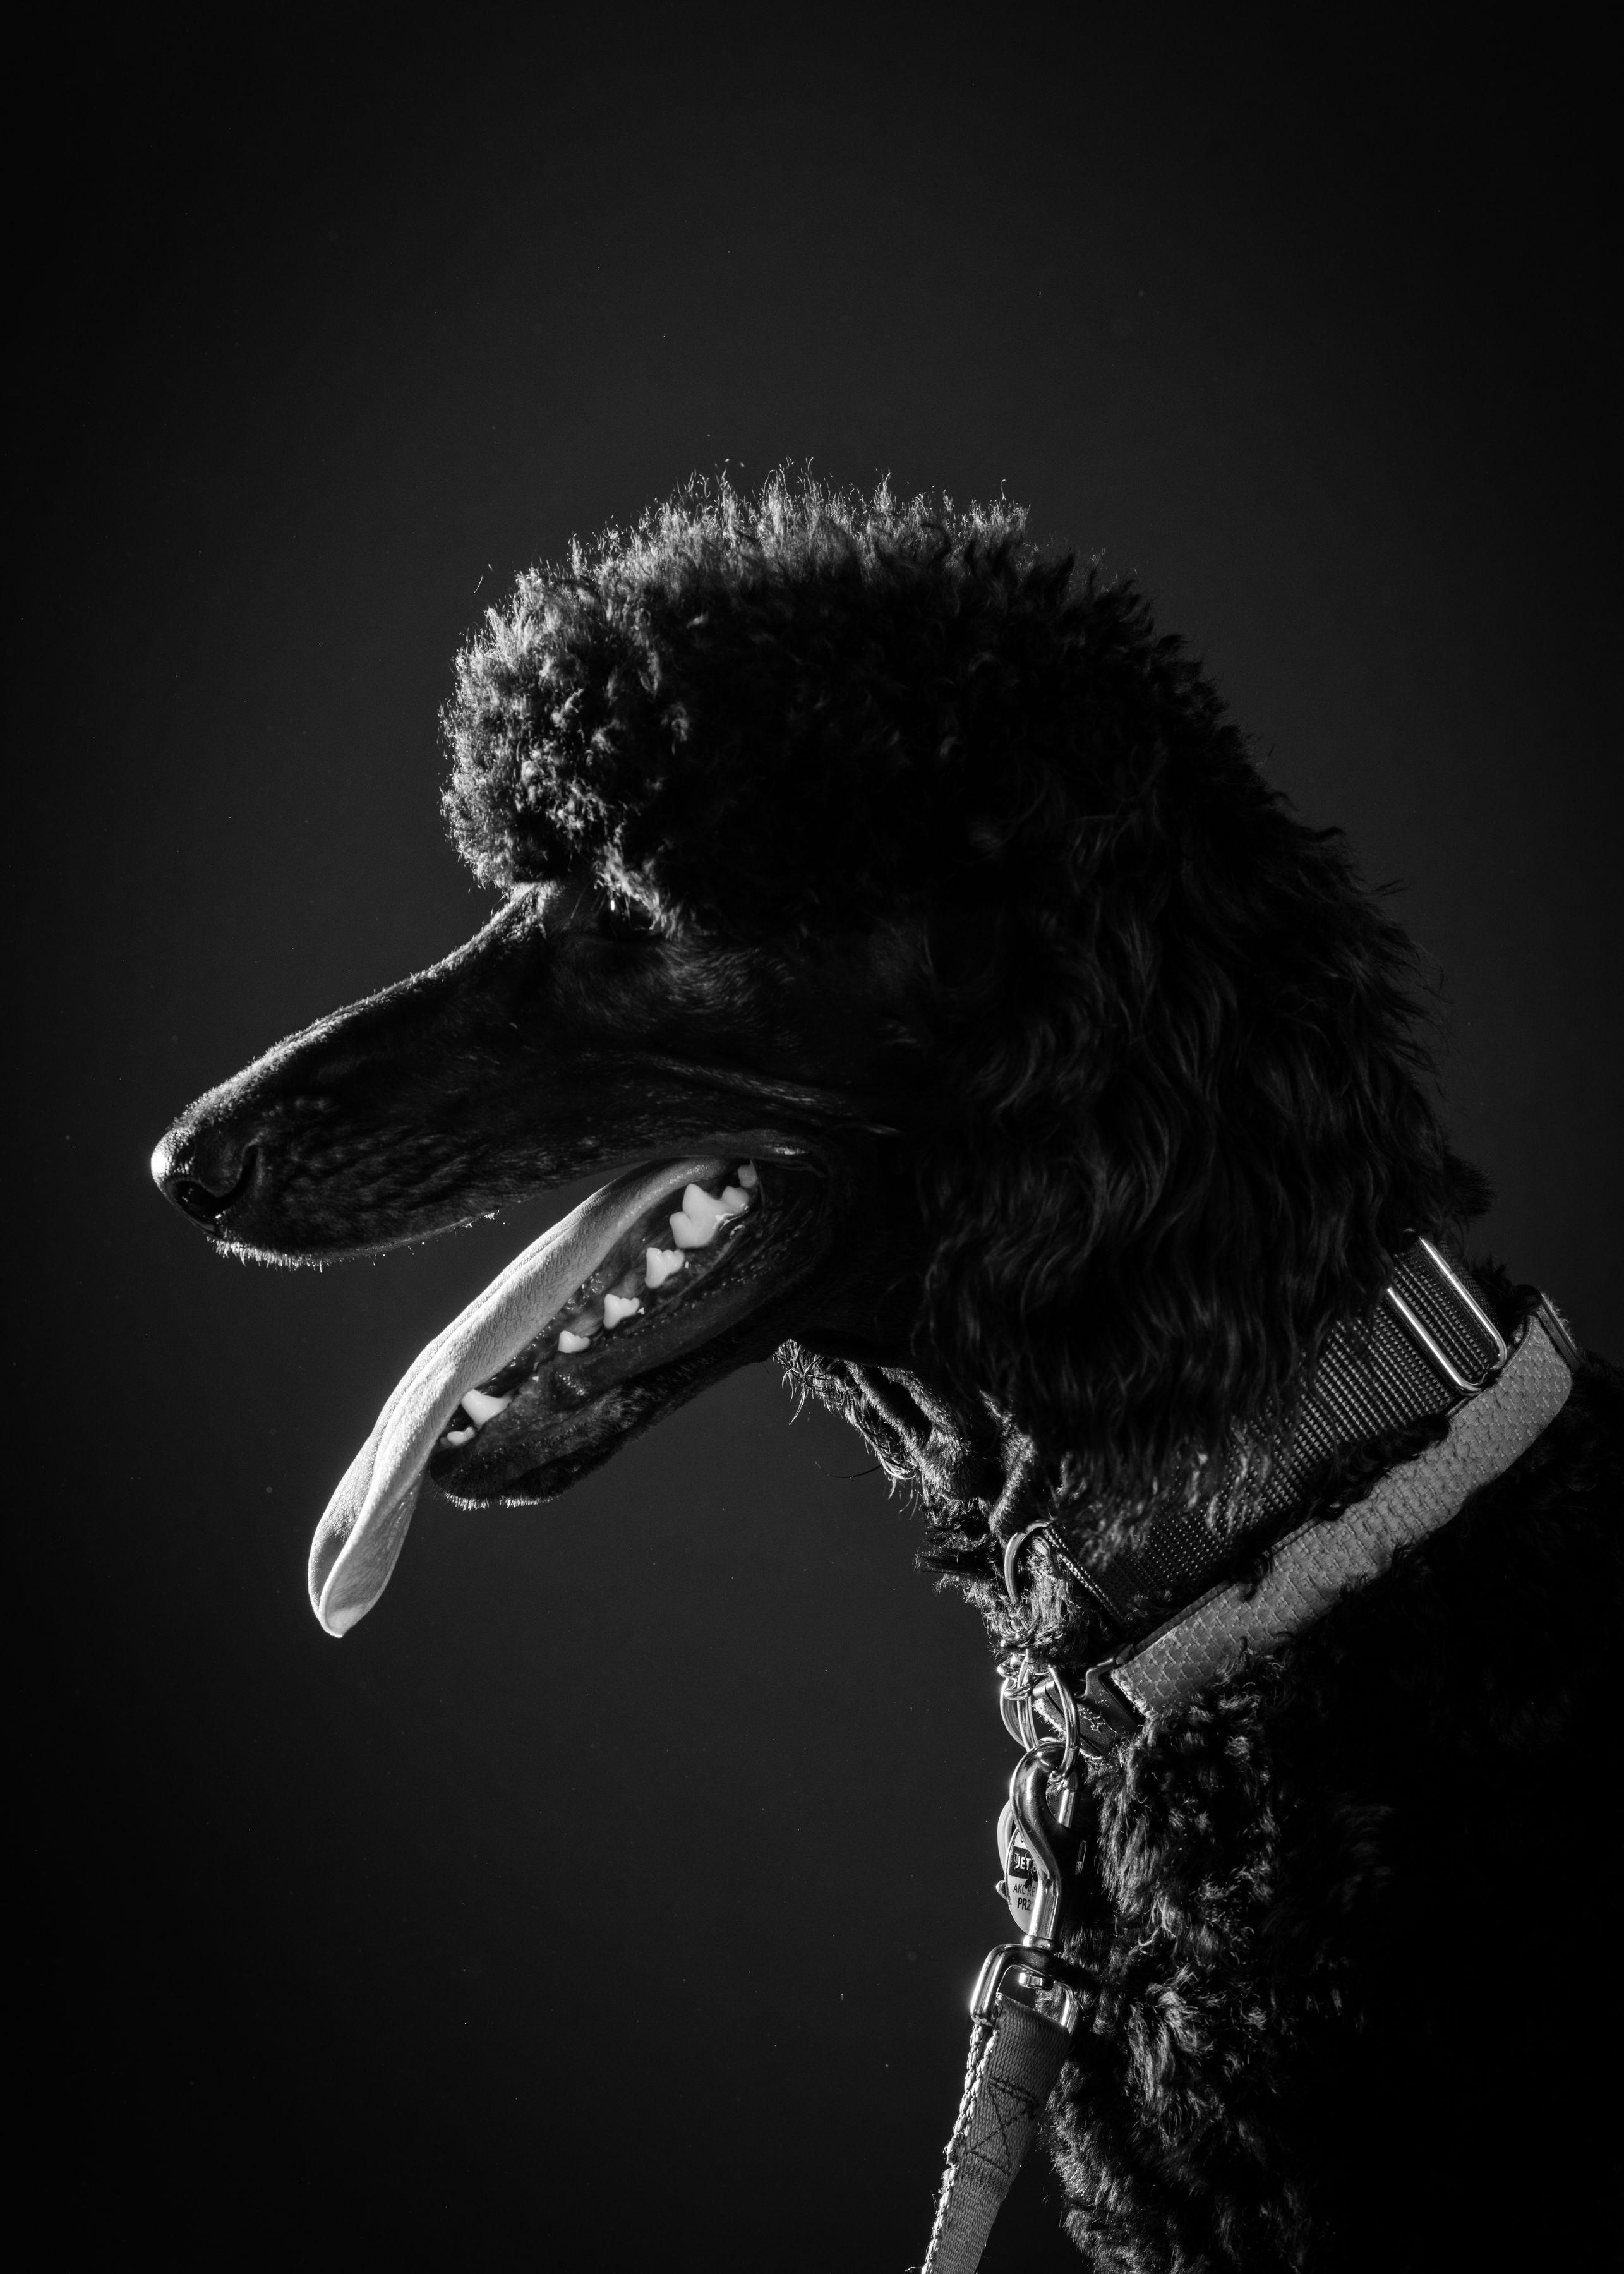 B&W Dog Portraits-whitneymclaren-3-3.jpg